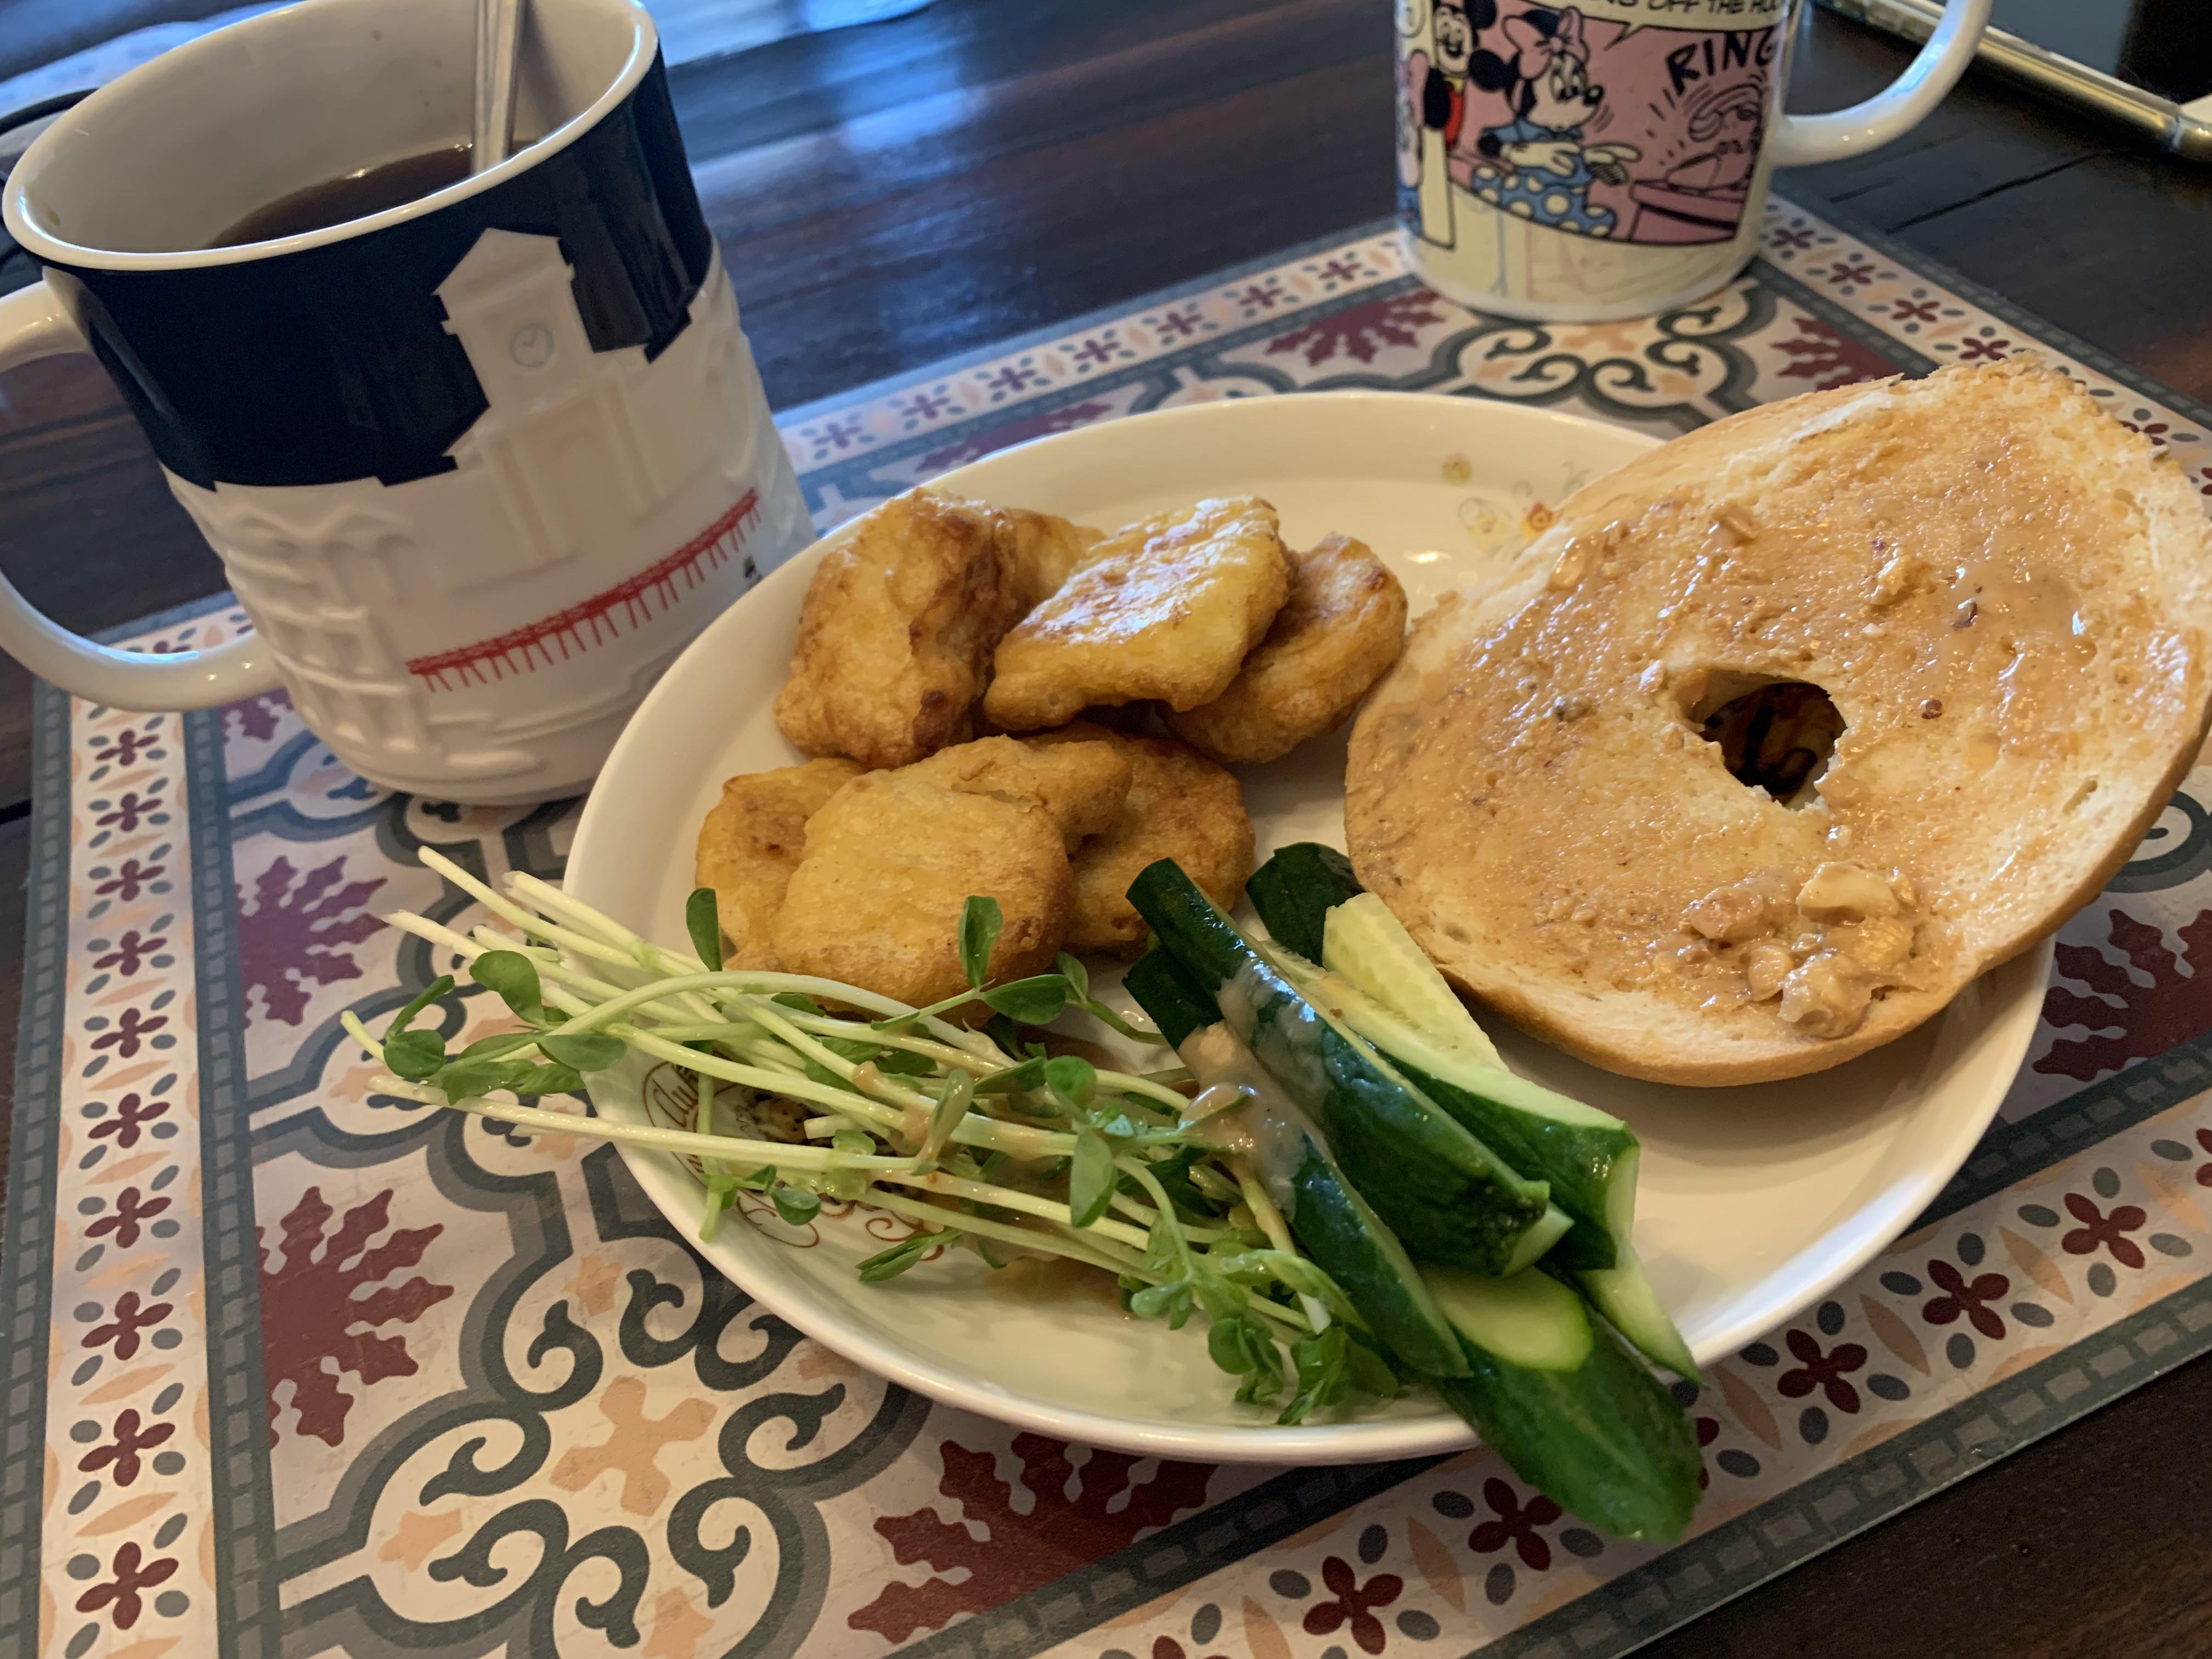 【桂冠風味沙拉】塑身低脂低卡低熱量-雞胸肉佐杏鮑菇溫沙拉的第 5 張圖片